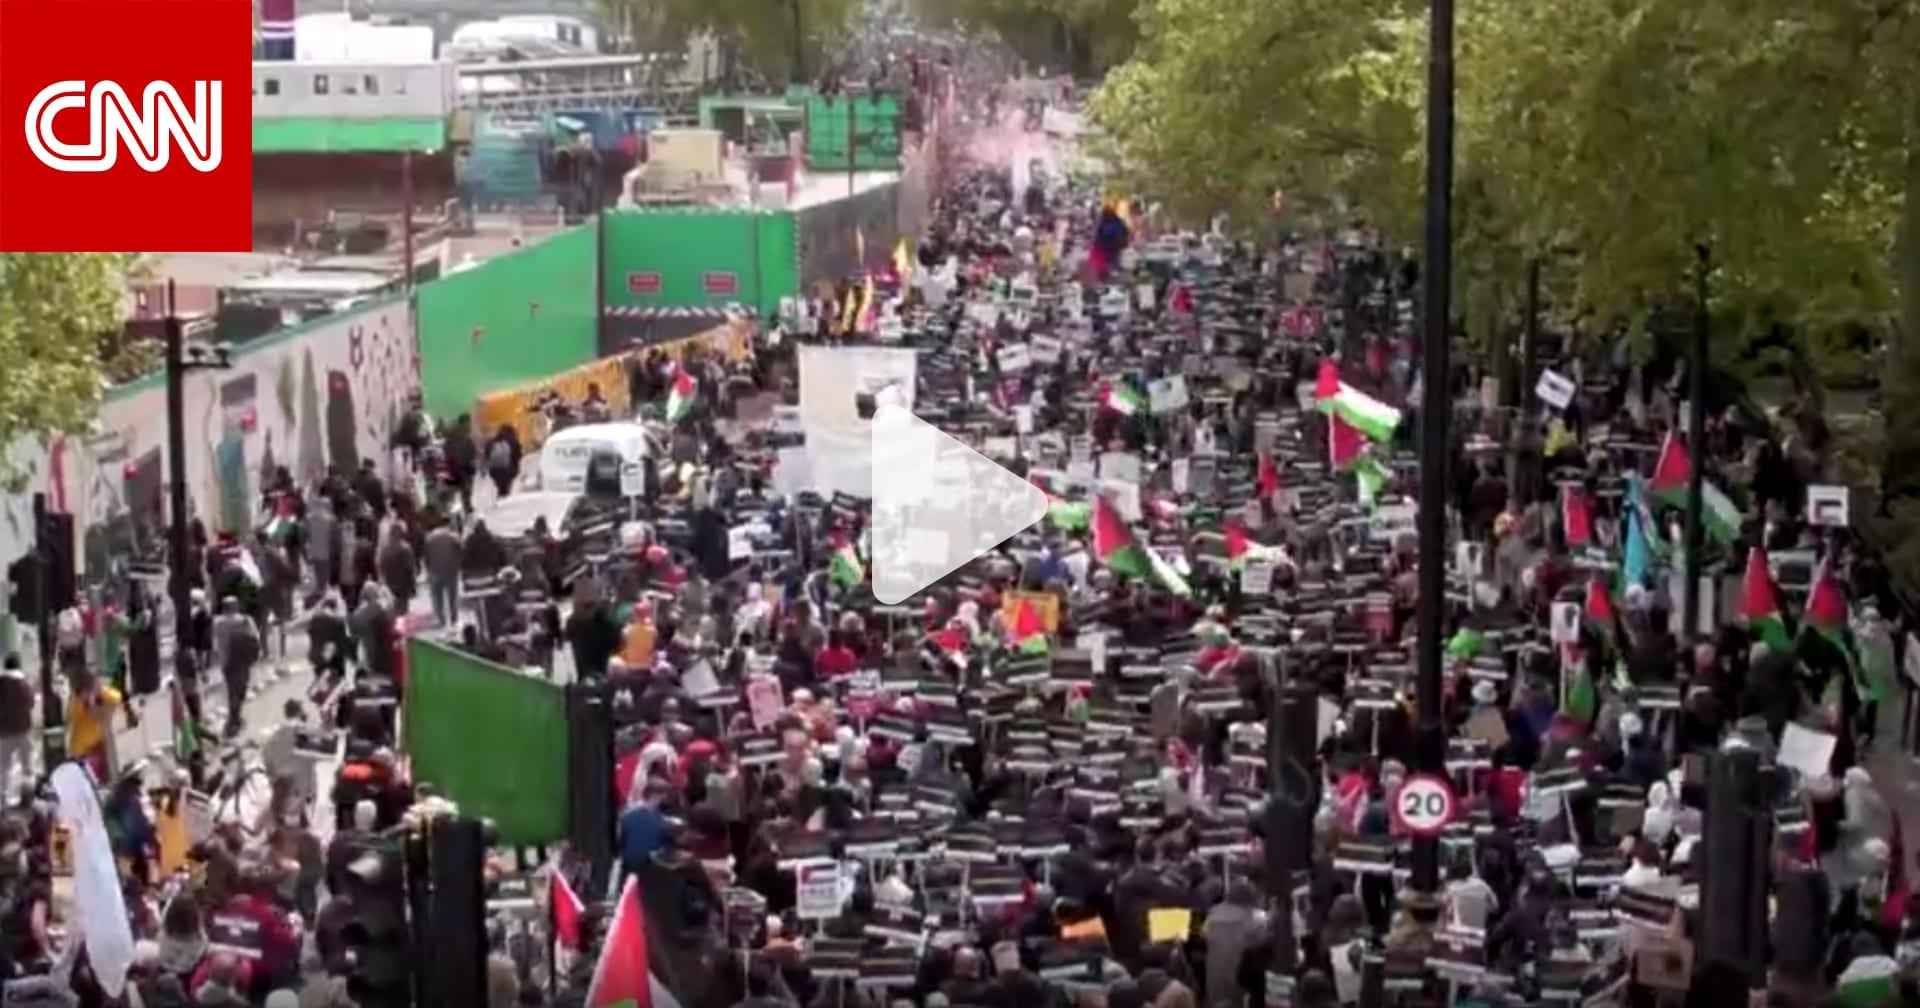 شاهد.. مظاهرة تجوب شوارع لندن تضامنًا مع الفلسطينيين